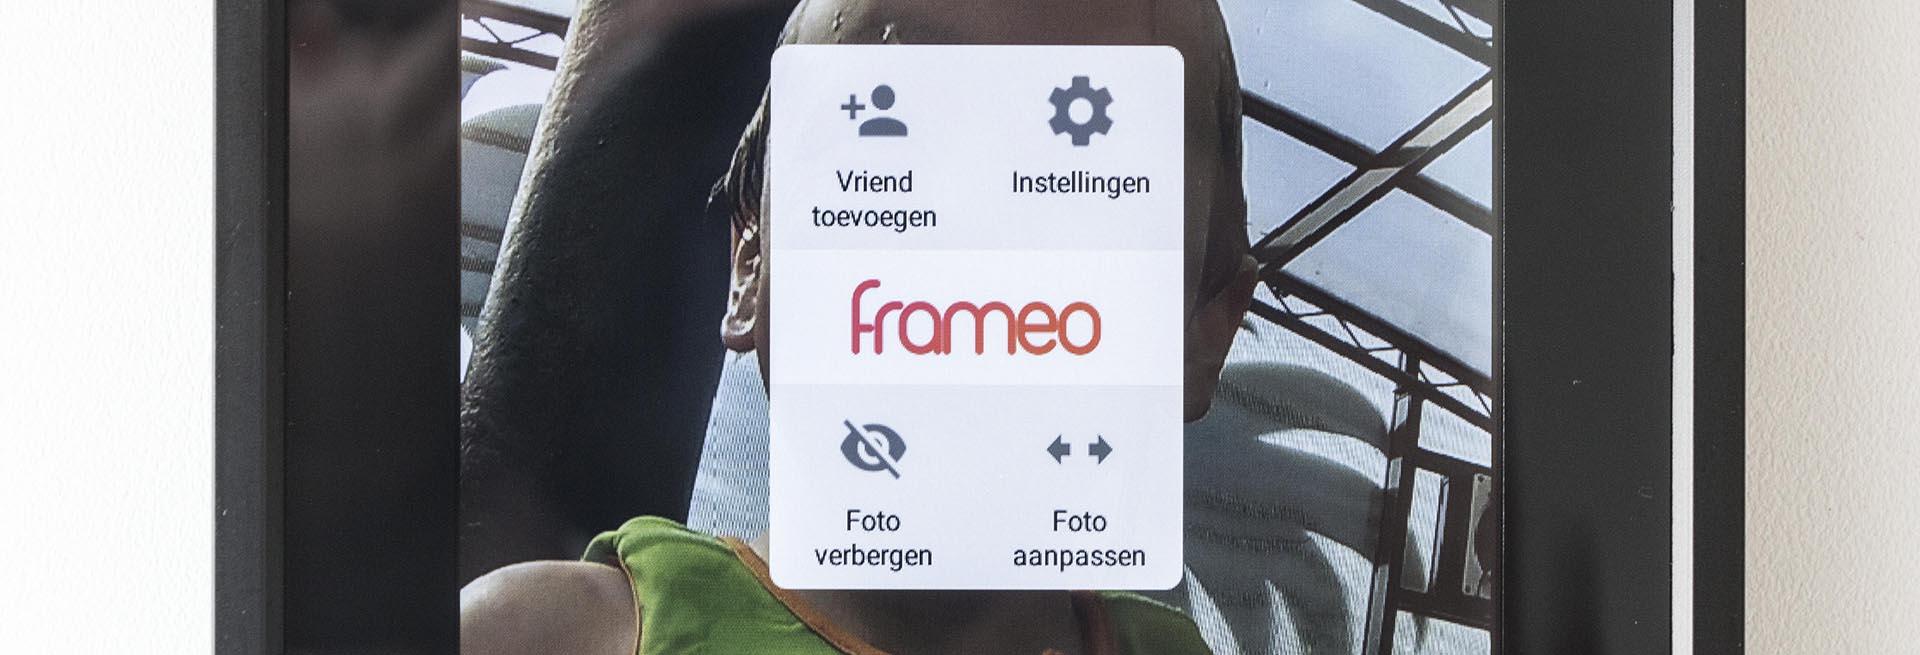 Photo from gadgetgear.nl Can be found here: https://www.gadgetgear.nl/2017/09/review-denver-frameo-pff-711black/